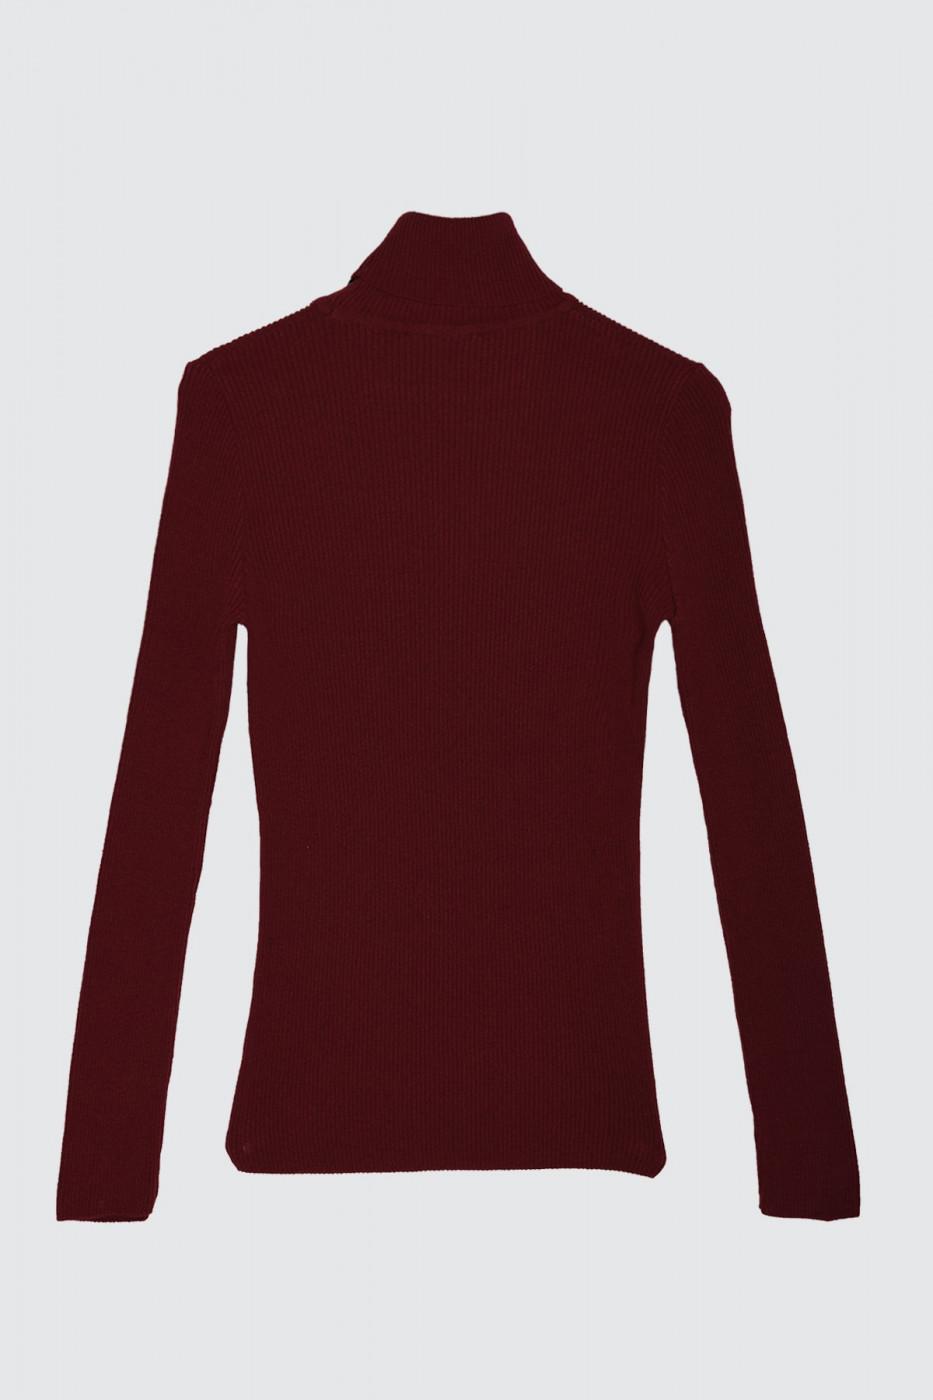 Trendyol Burgundy Men's Rubber Knitting Turtleneck KnitWear Sweater